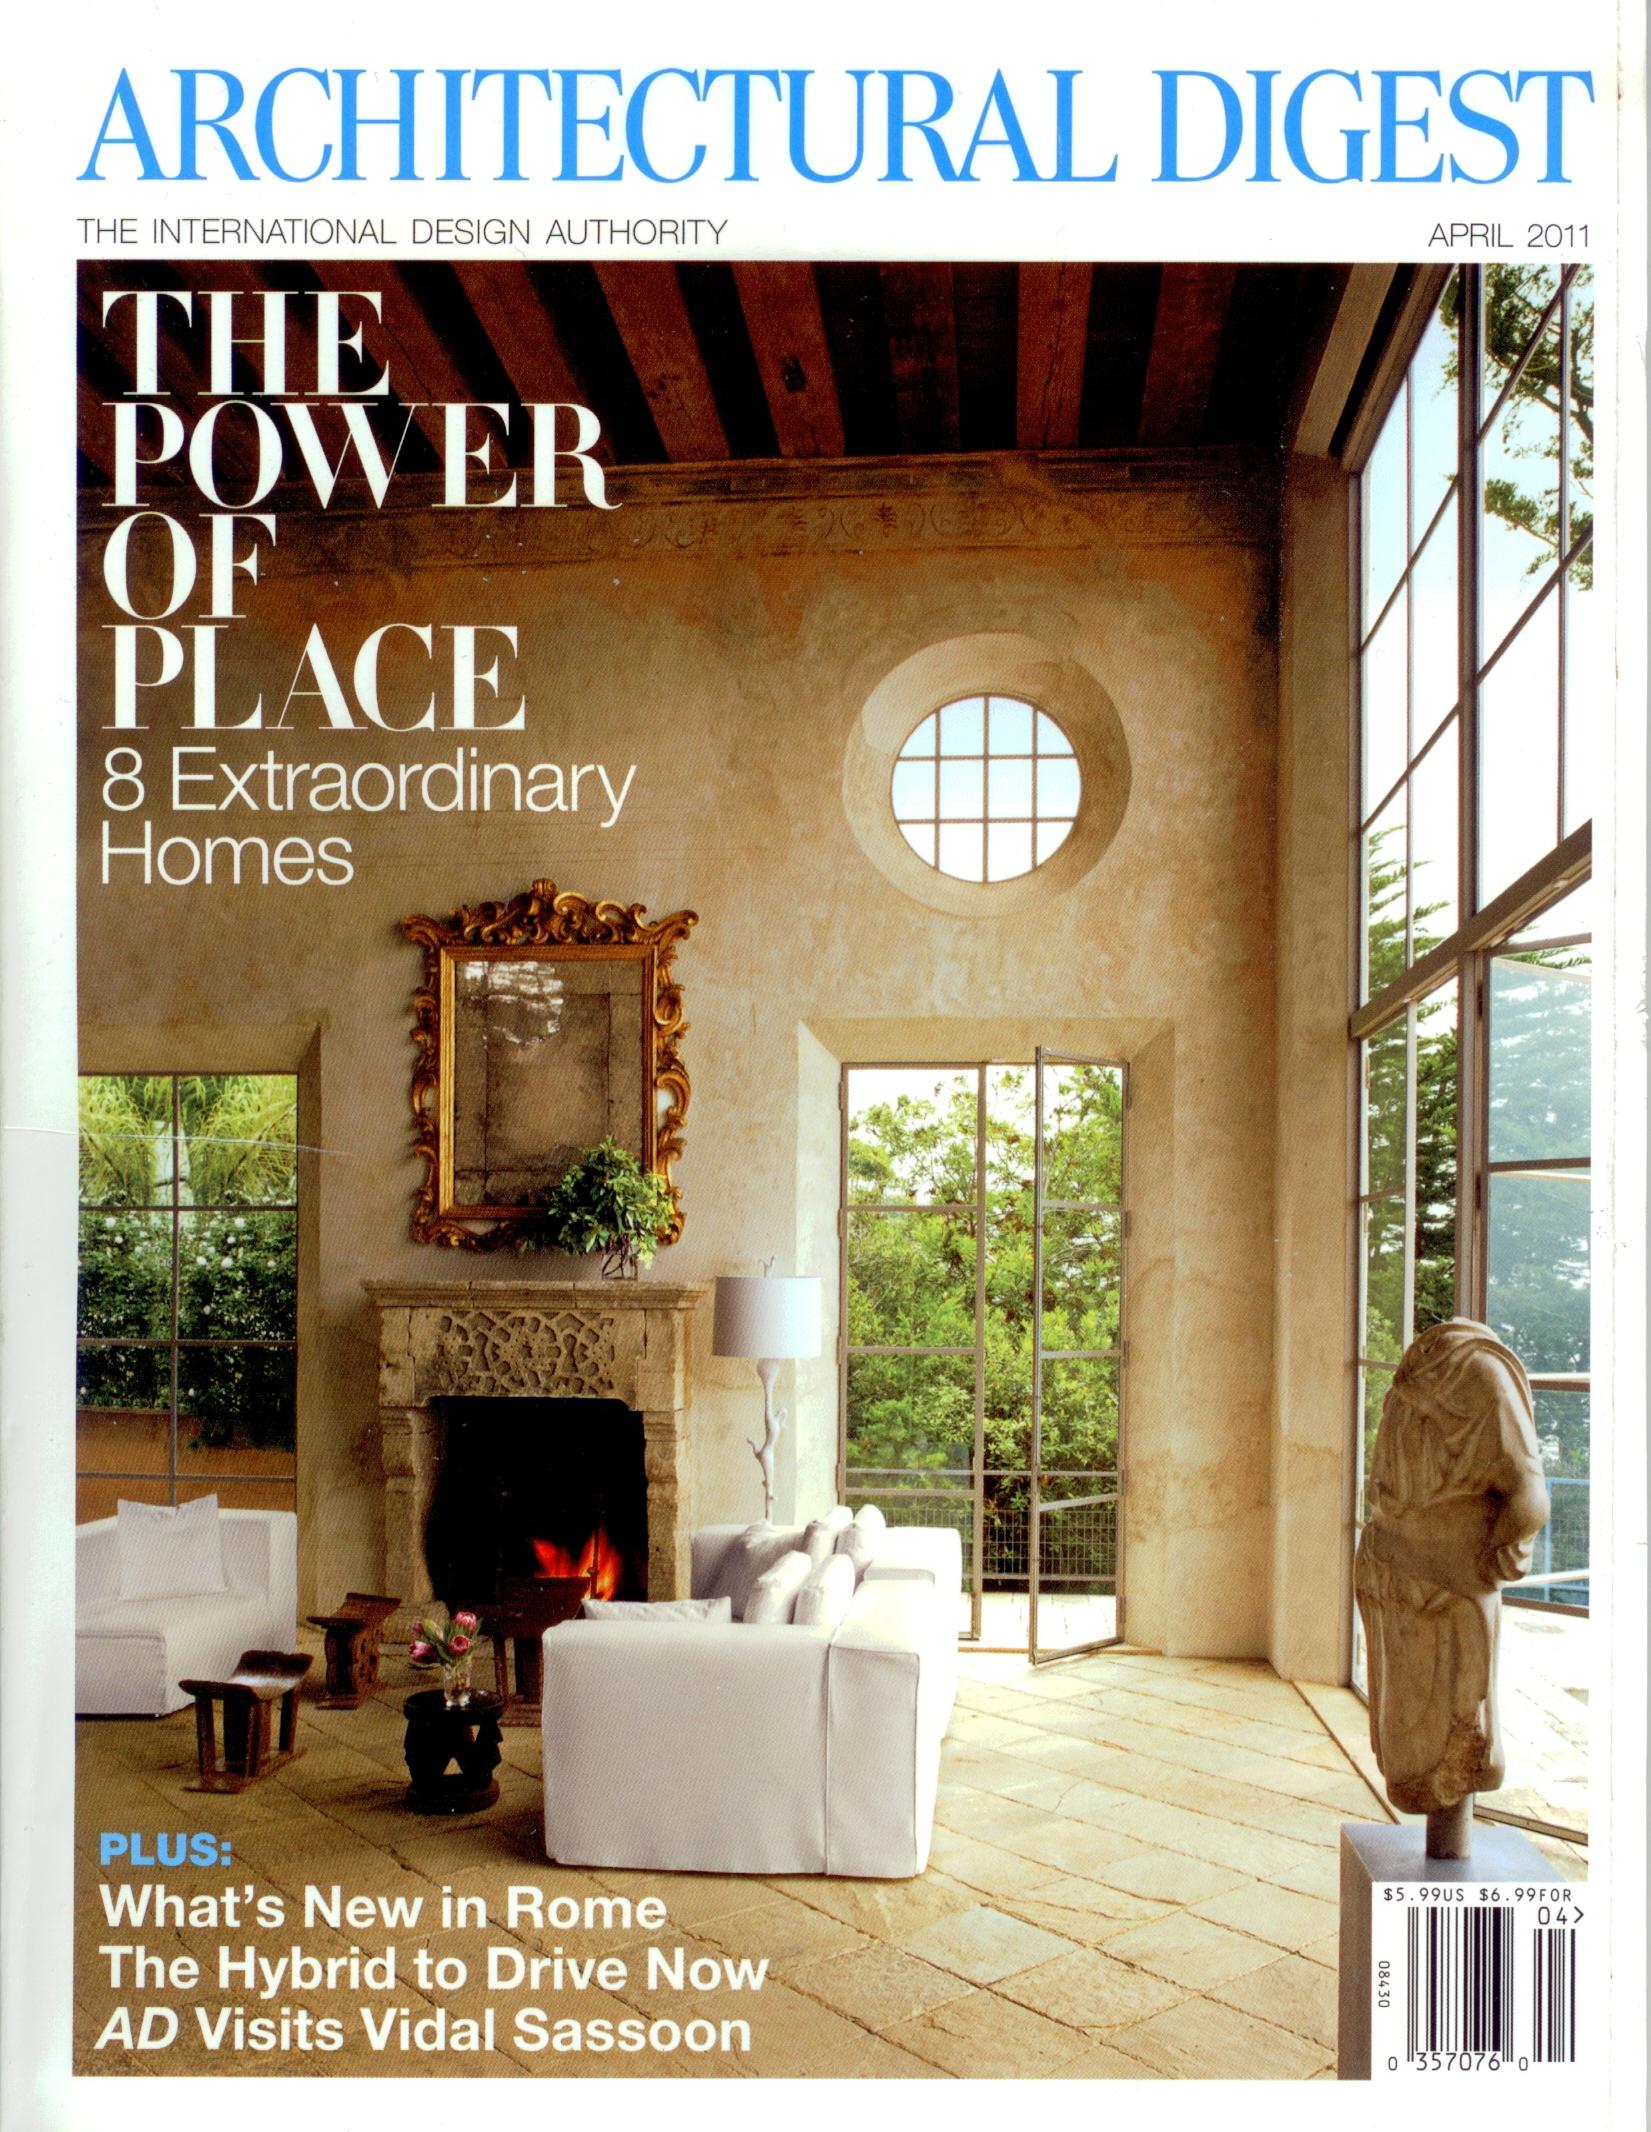 Architectural Digest - April 2011